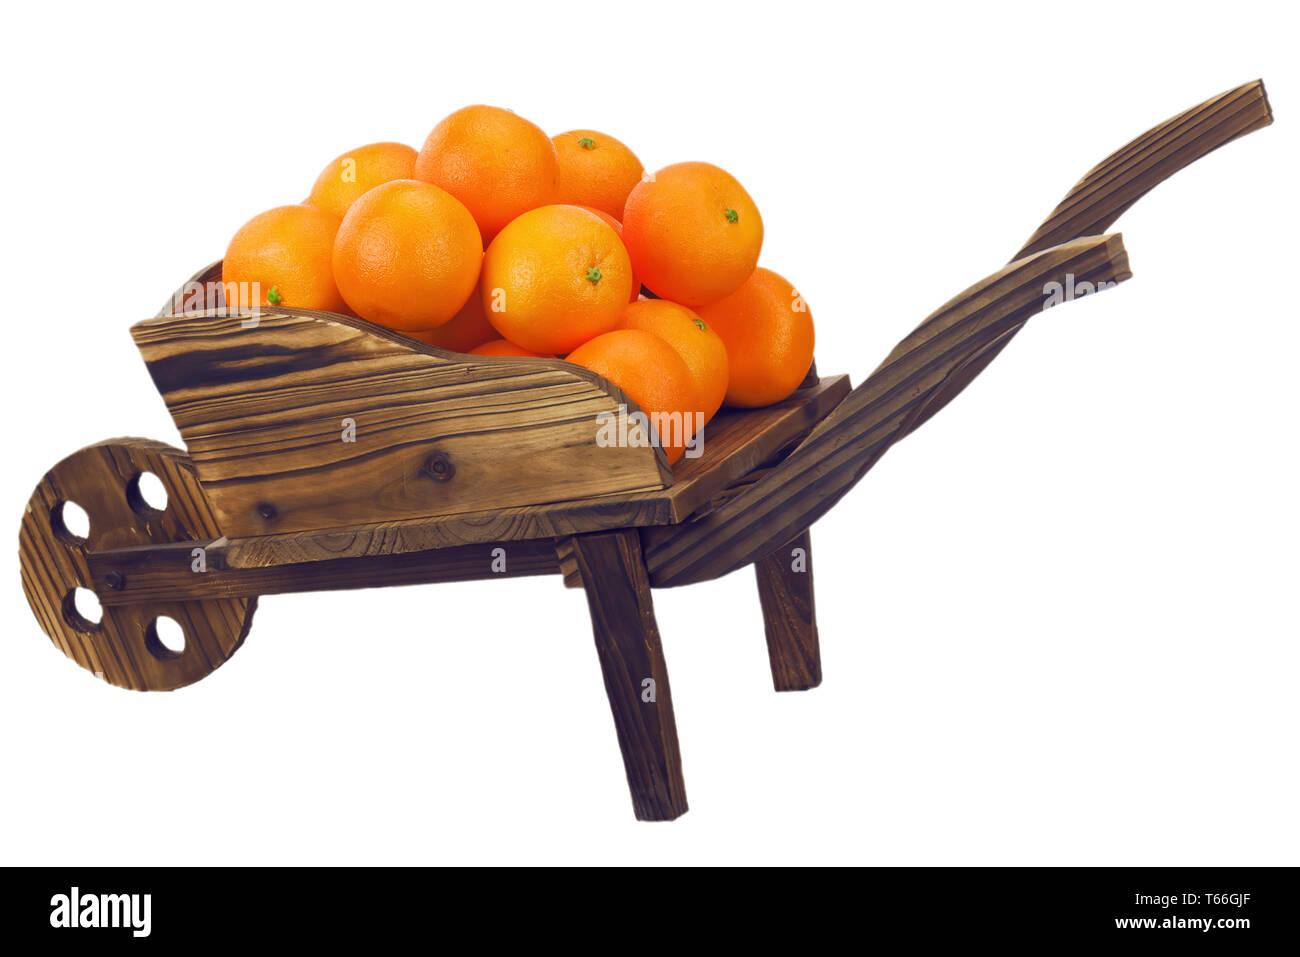 Oranges on pushcart isolated on white background. - Stock Image